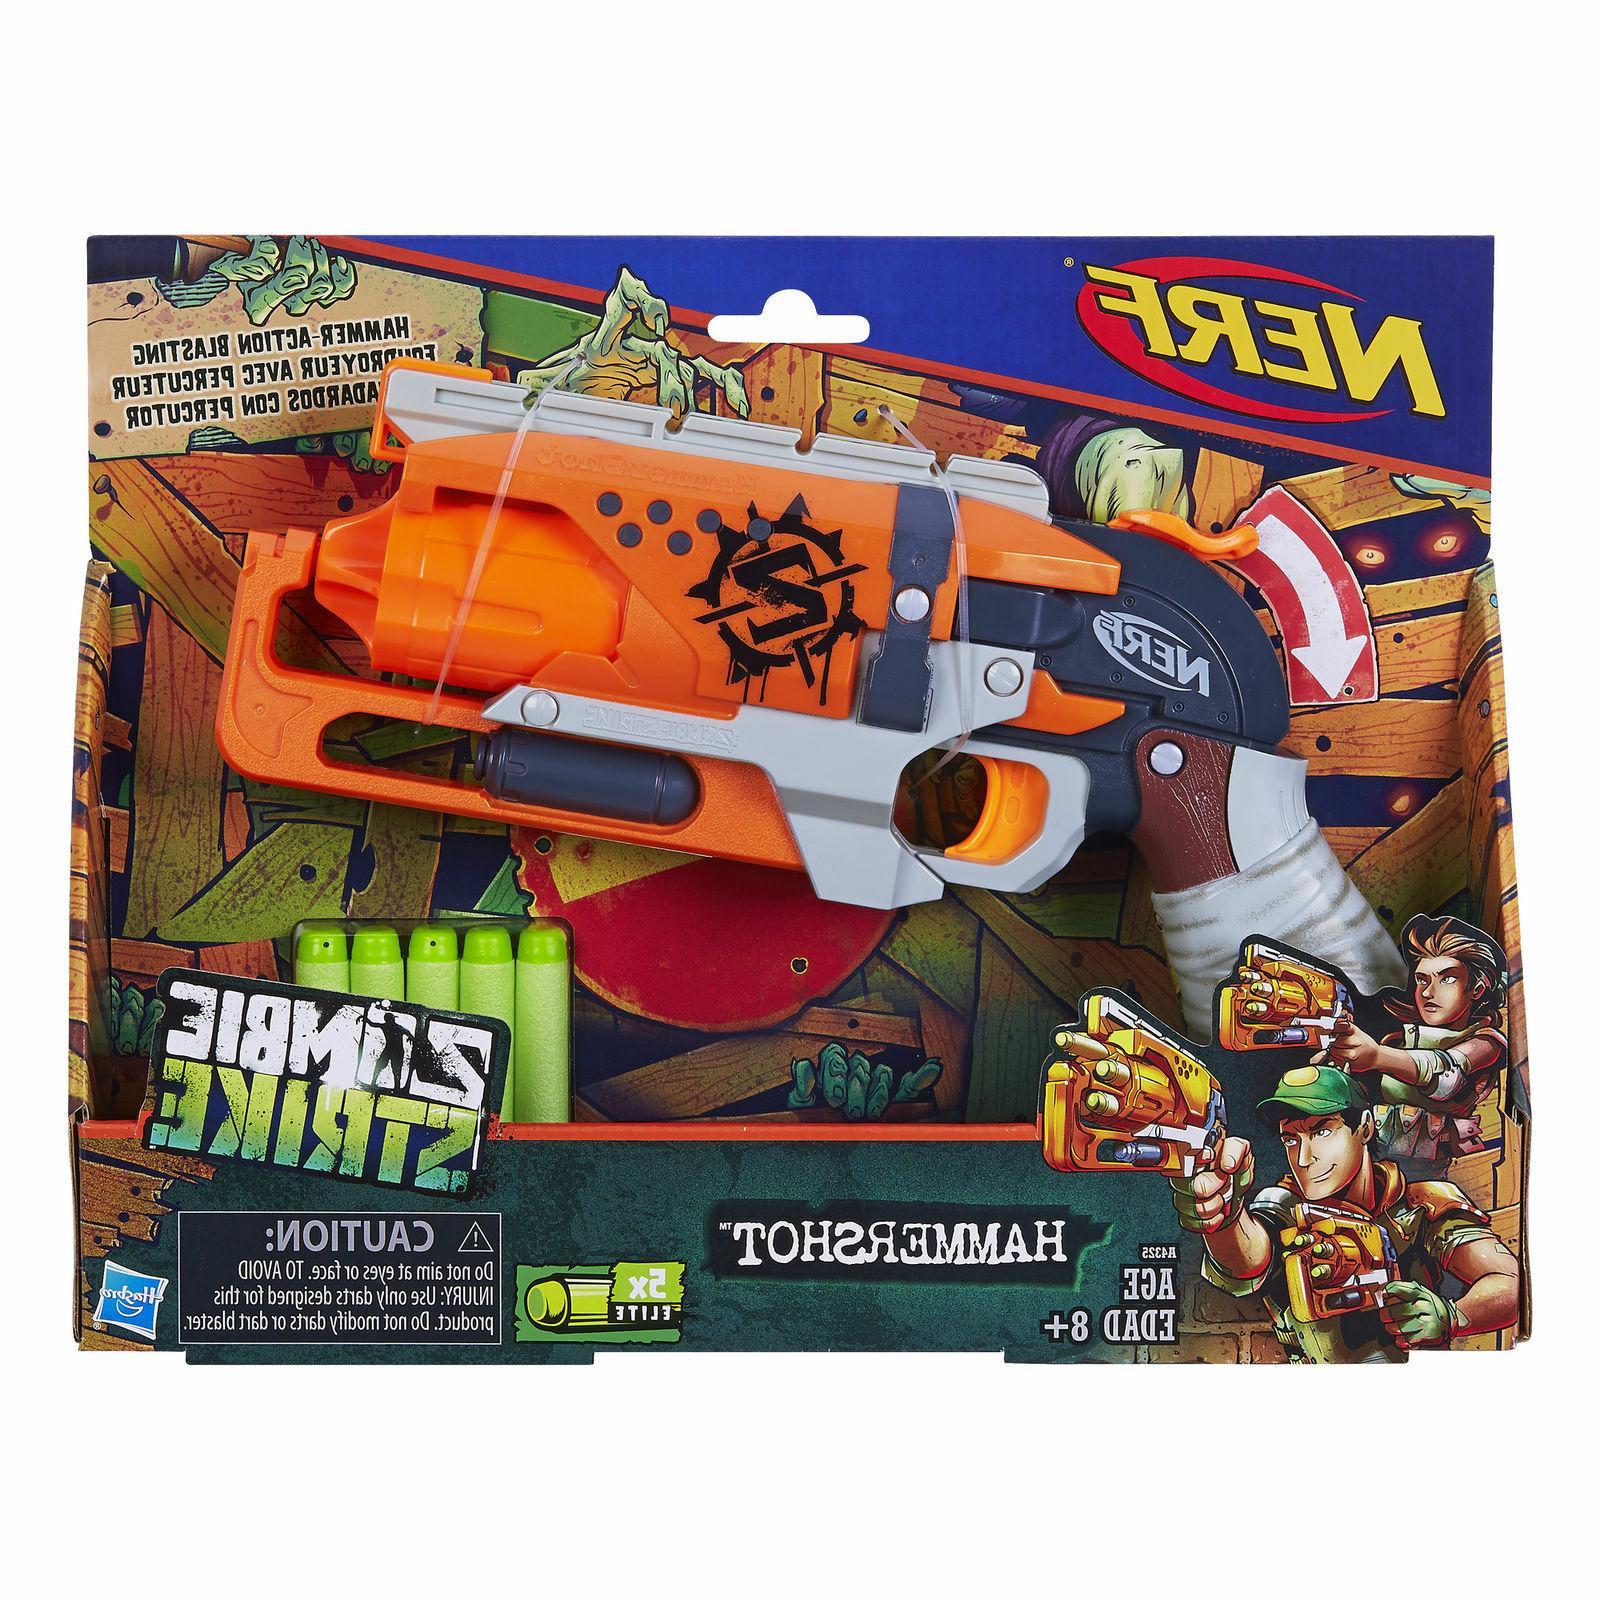 zombie strike hammershot blaster gun pistol toy